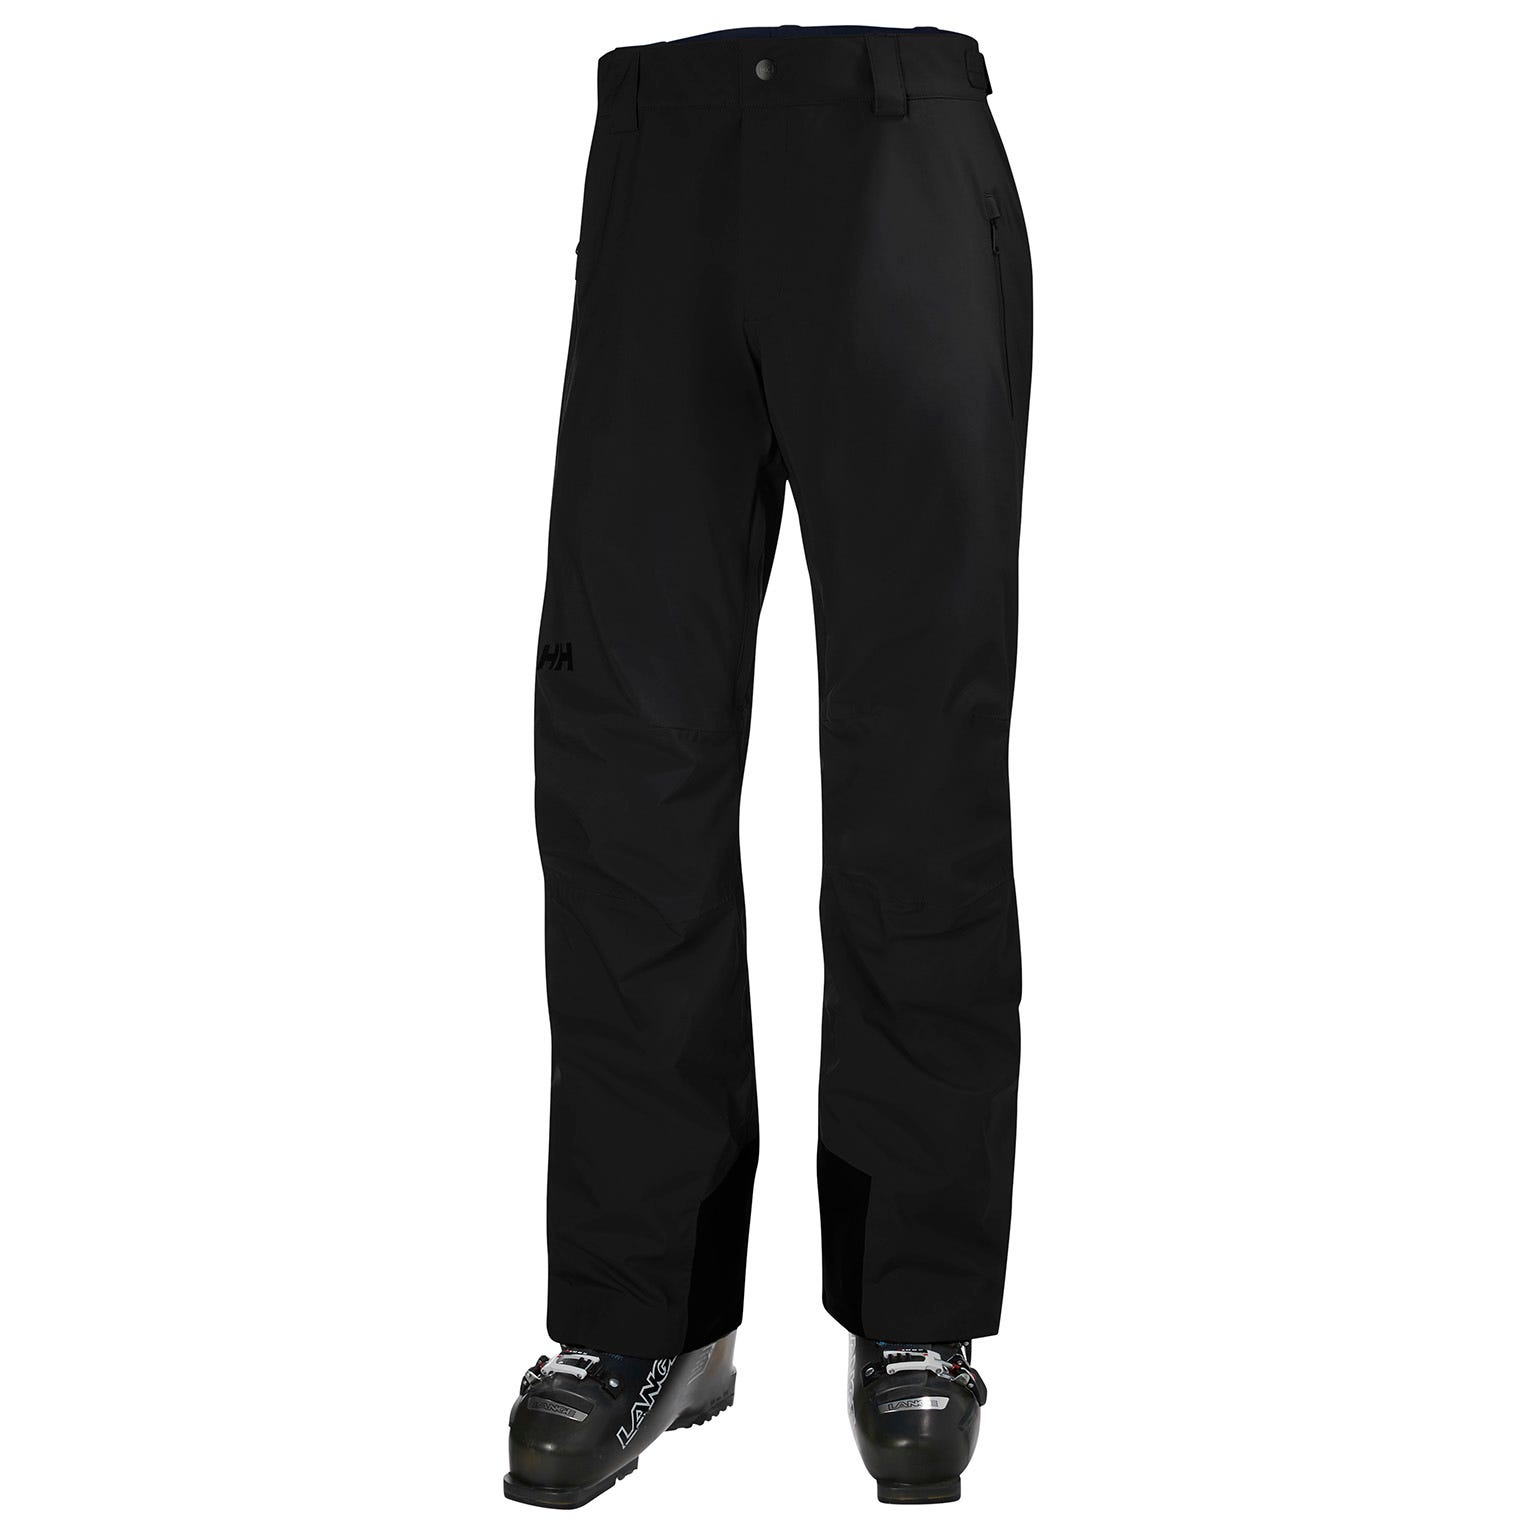 Mens Legendary Insulated Ski Trousers | Uk Helly Hansen Mens Trouser Black S